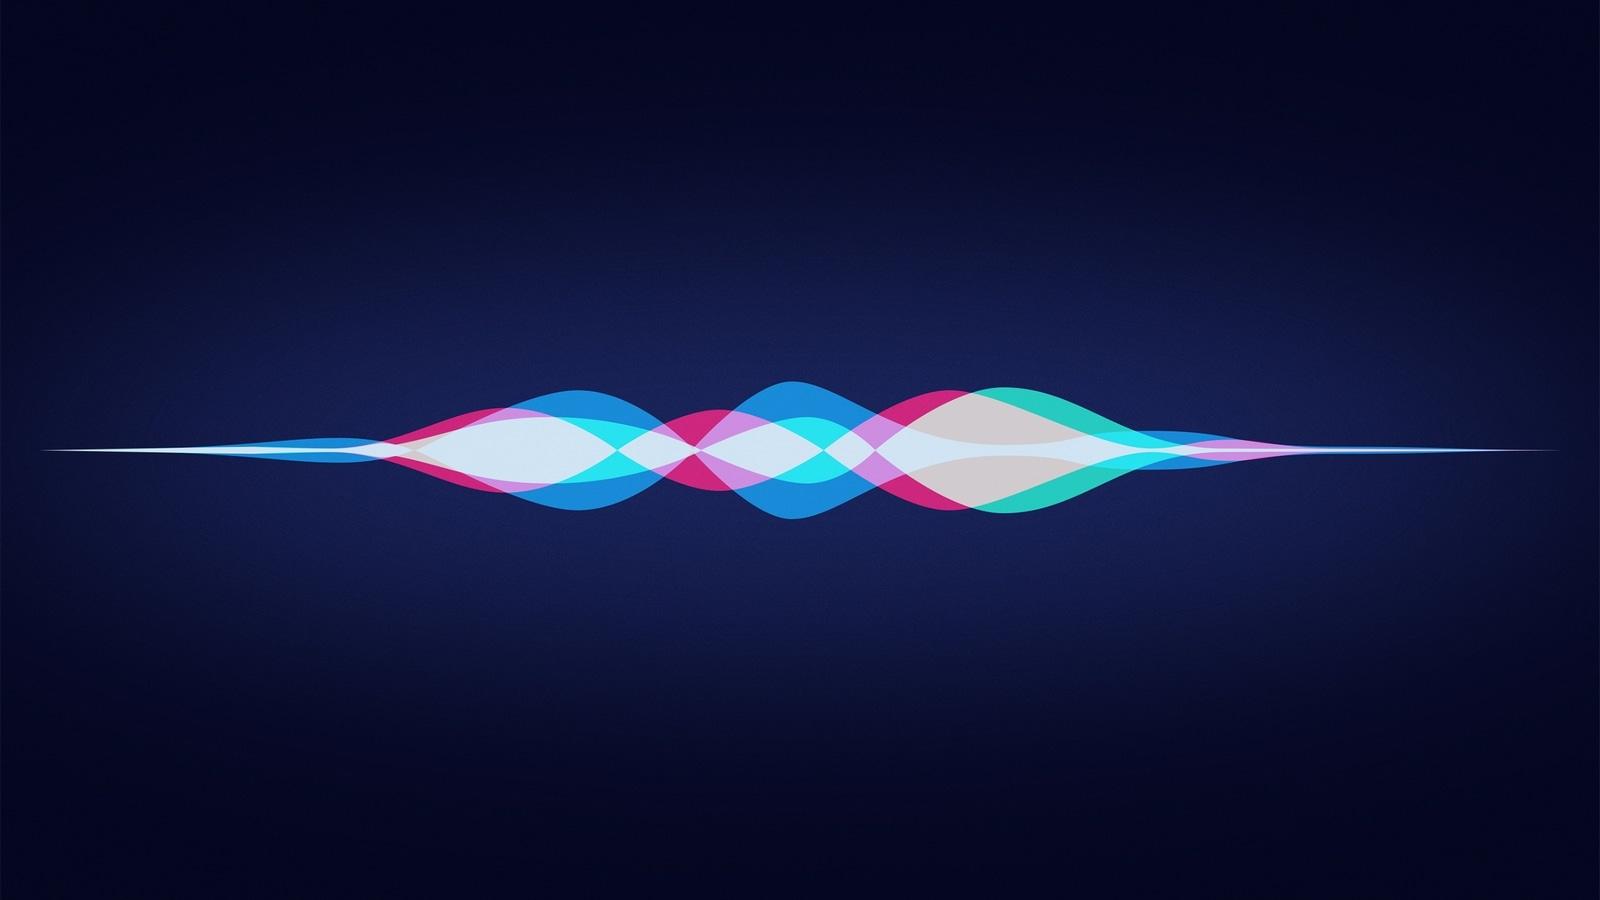 Spetsiaalselt Siri jaoks loodud seadmete avatud tähed